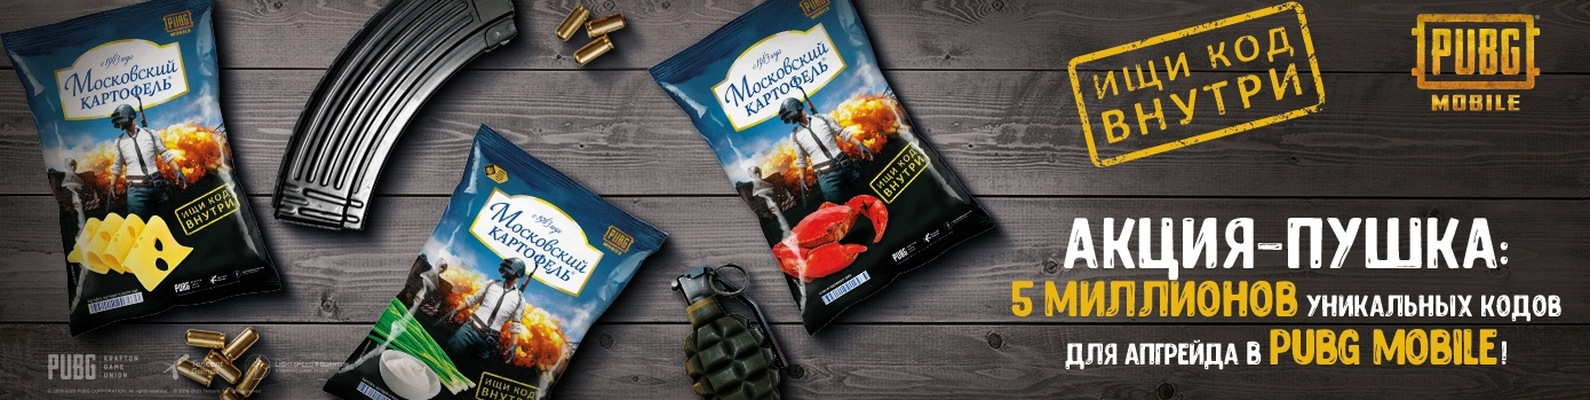 Московский картофель | ВКонтакте